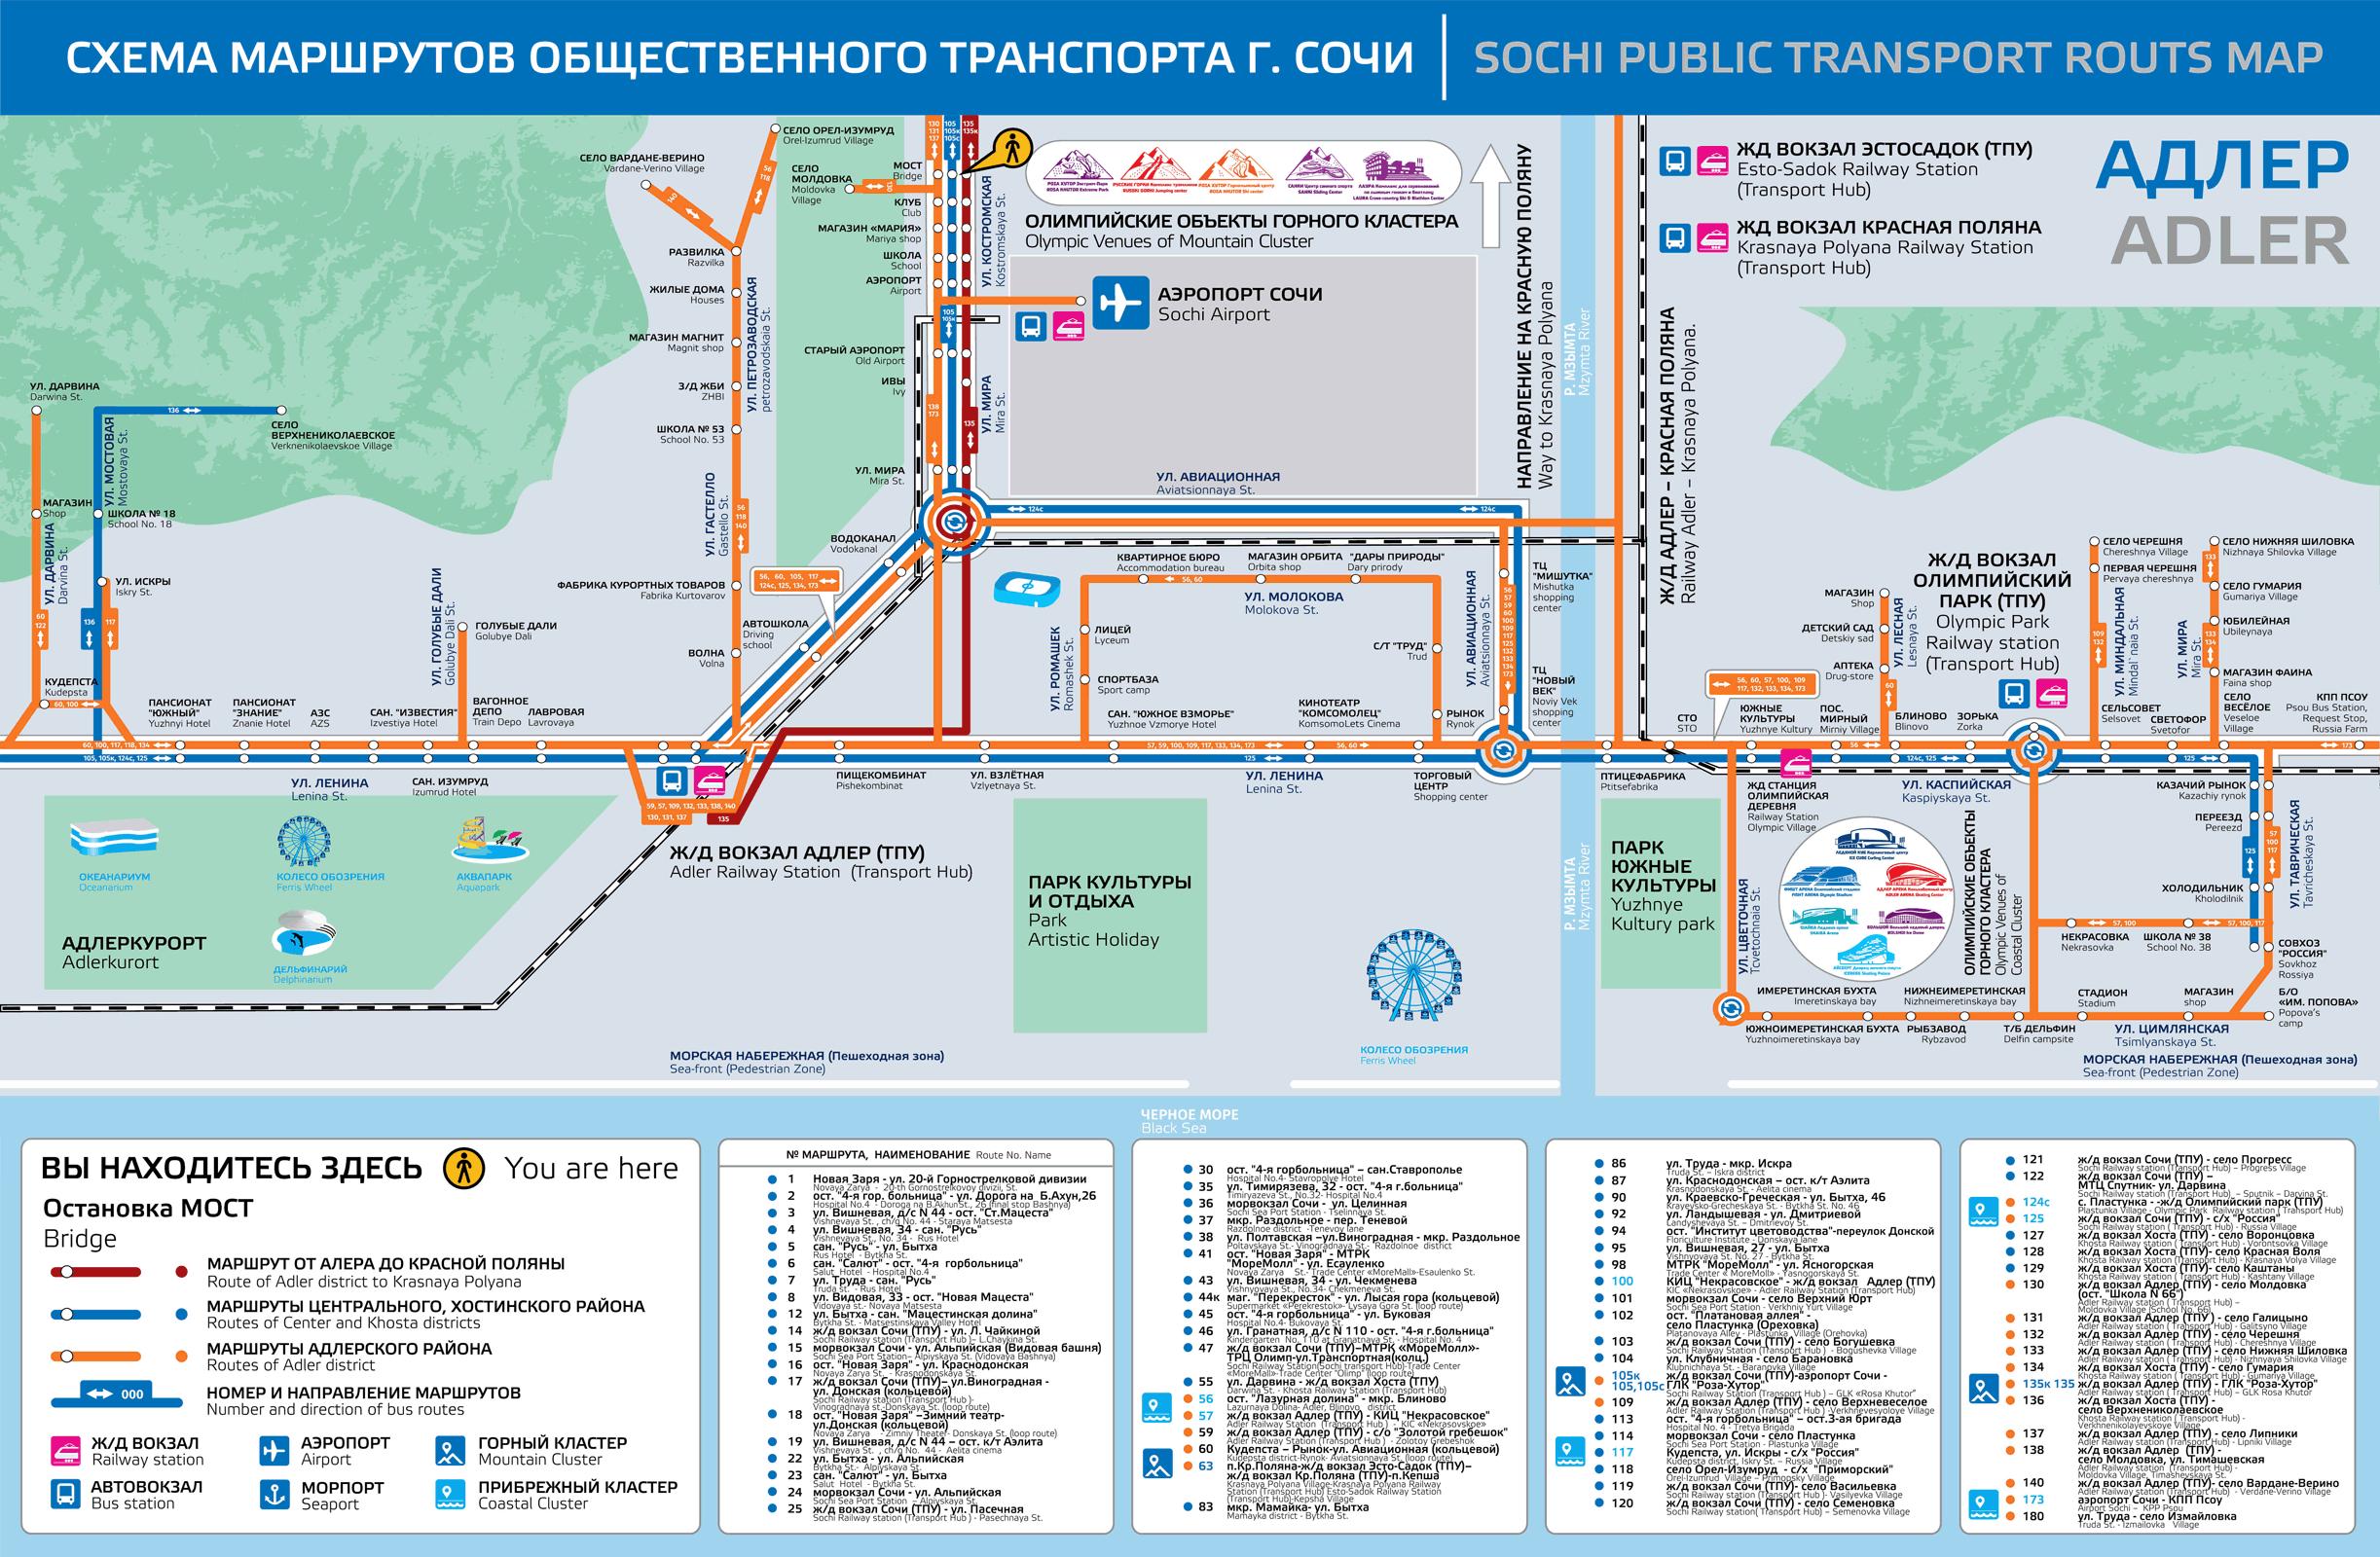 Схема маршрутов общественного транспорта сочи